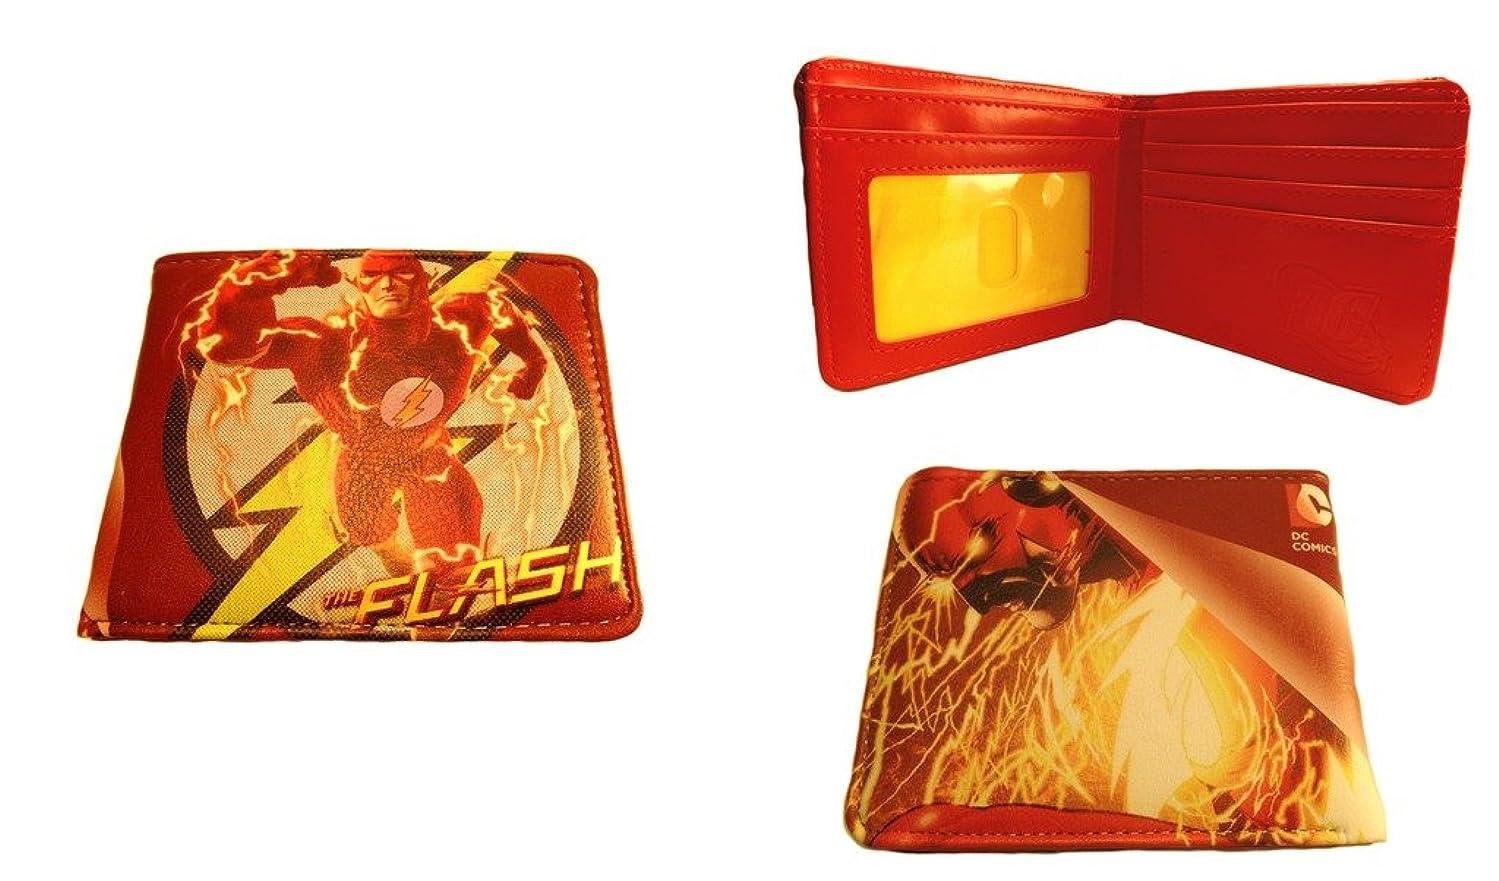 すぐにリング神学校DC Comics The Flash Running二つ折りメンズBoys Wallet w /ギフトボックスby Athena